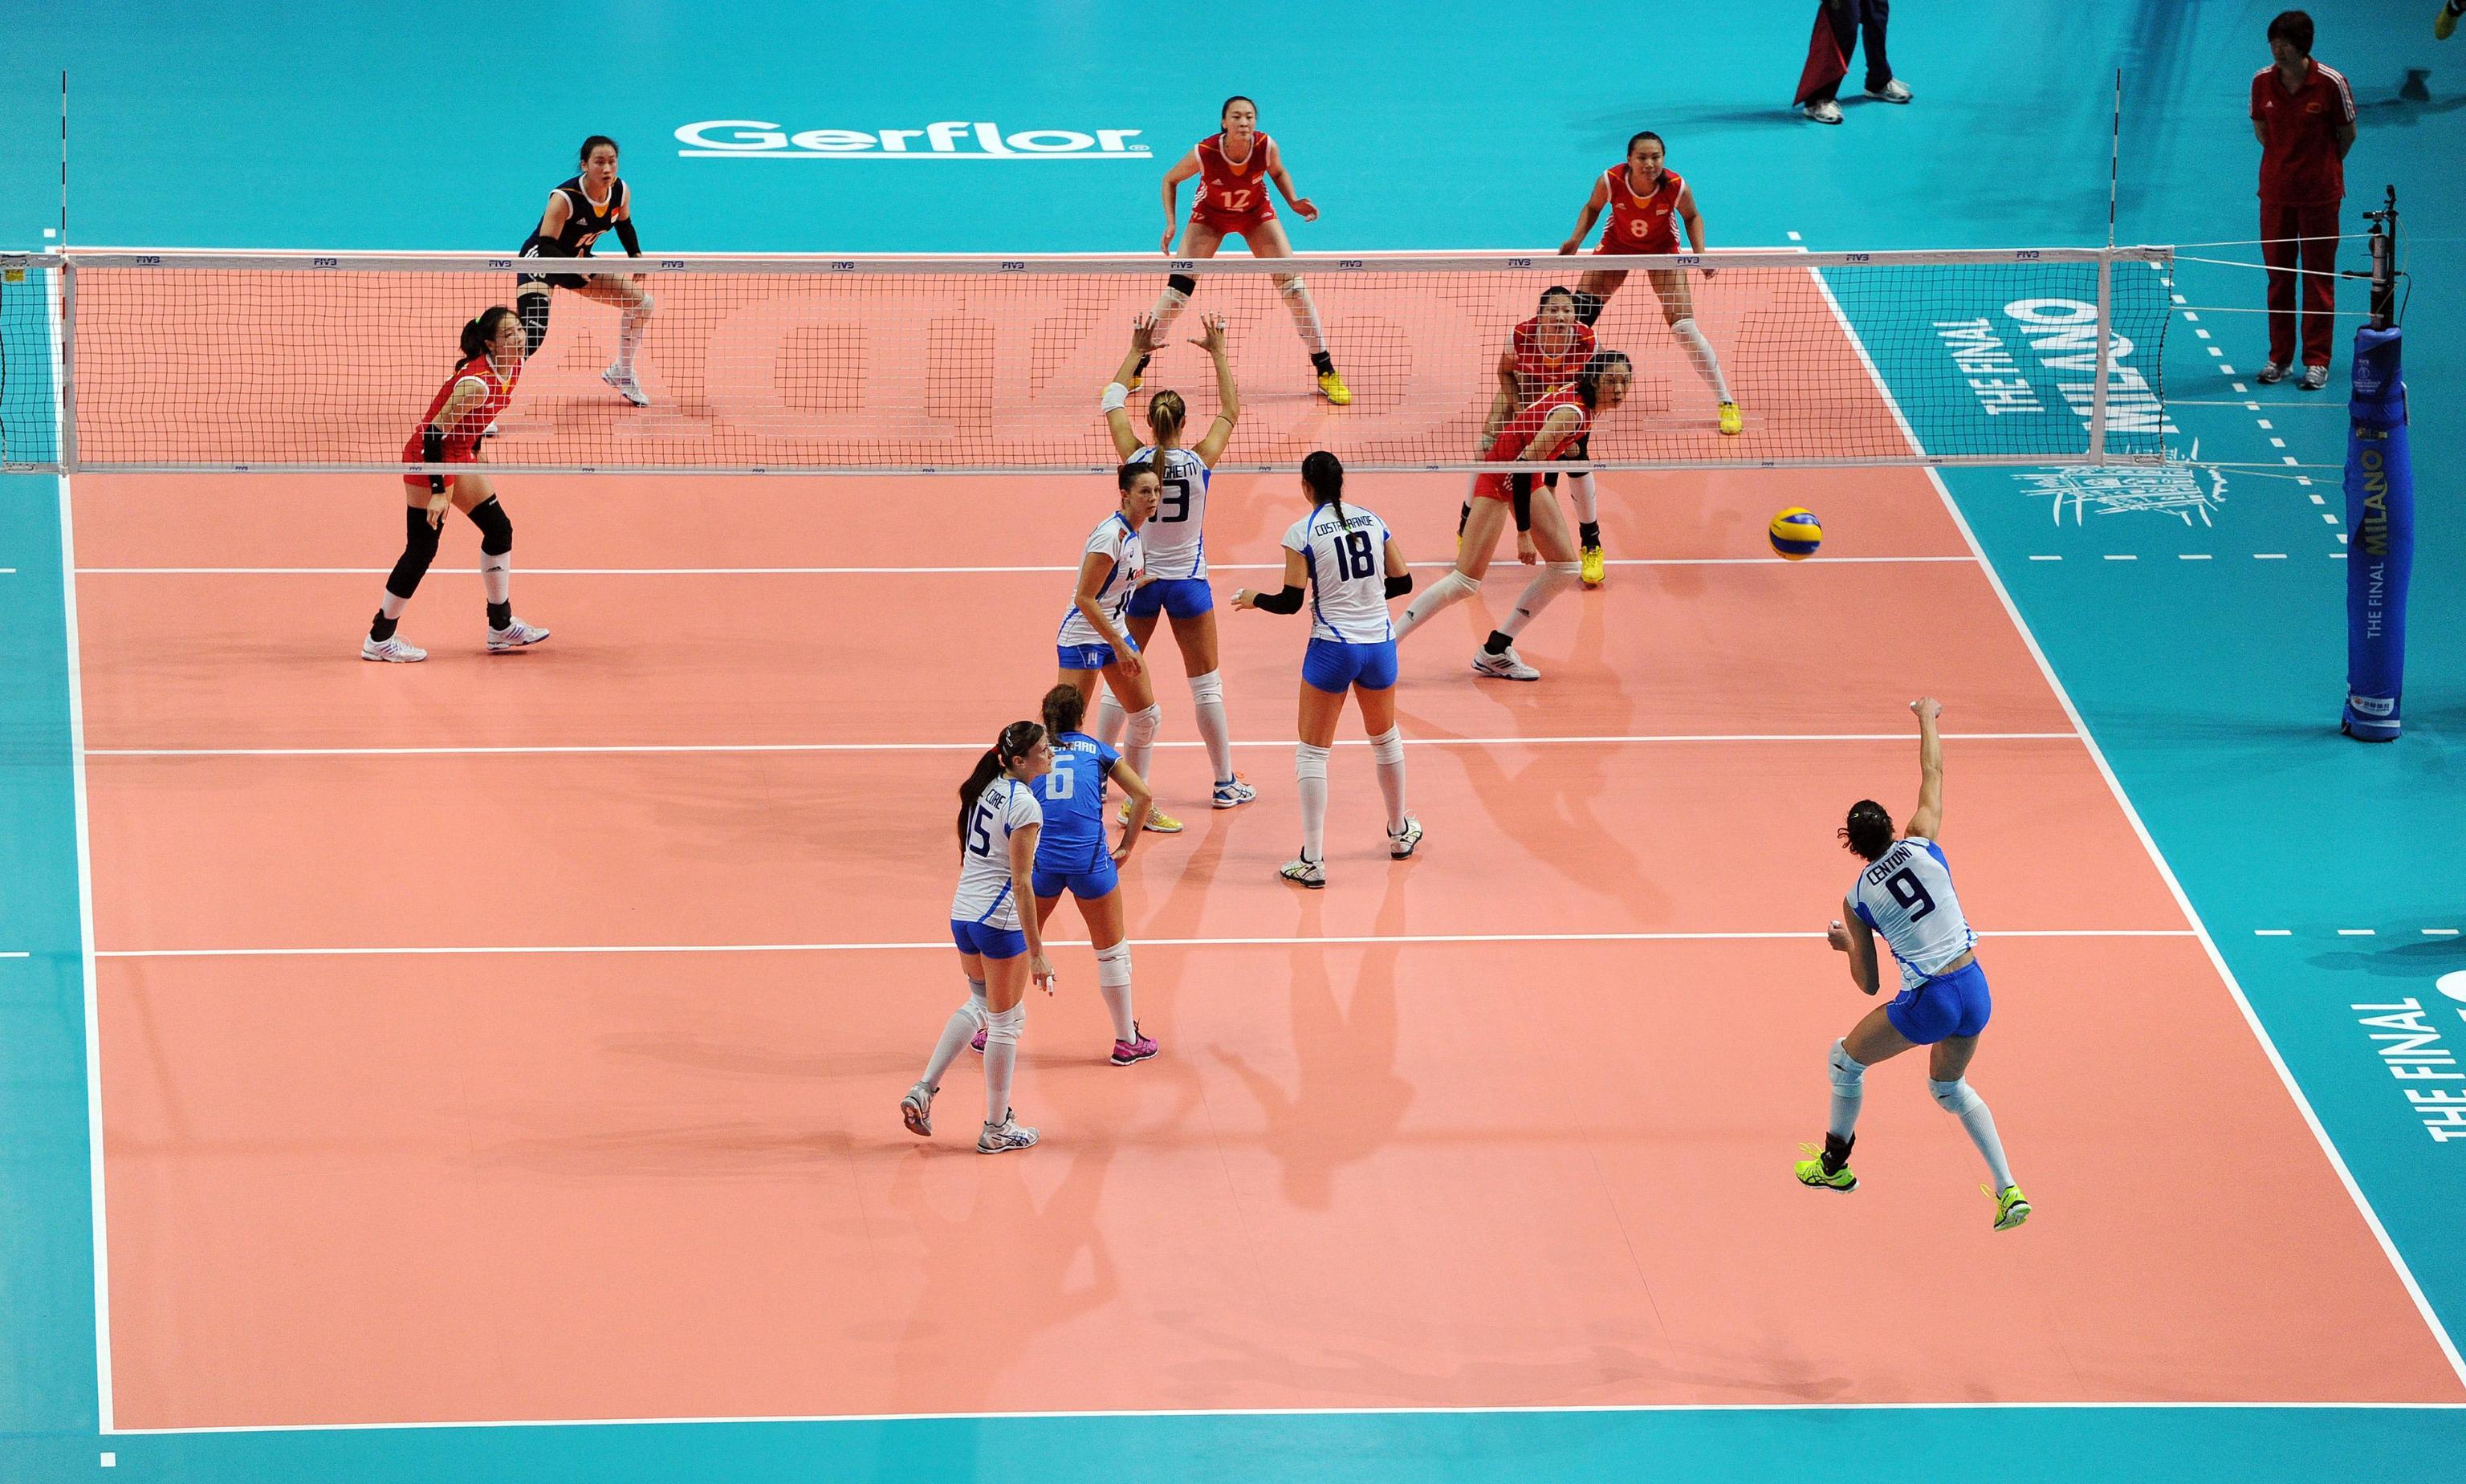 Pallavolo_Mondiali_Italia_Cina_14